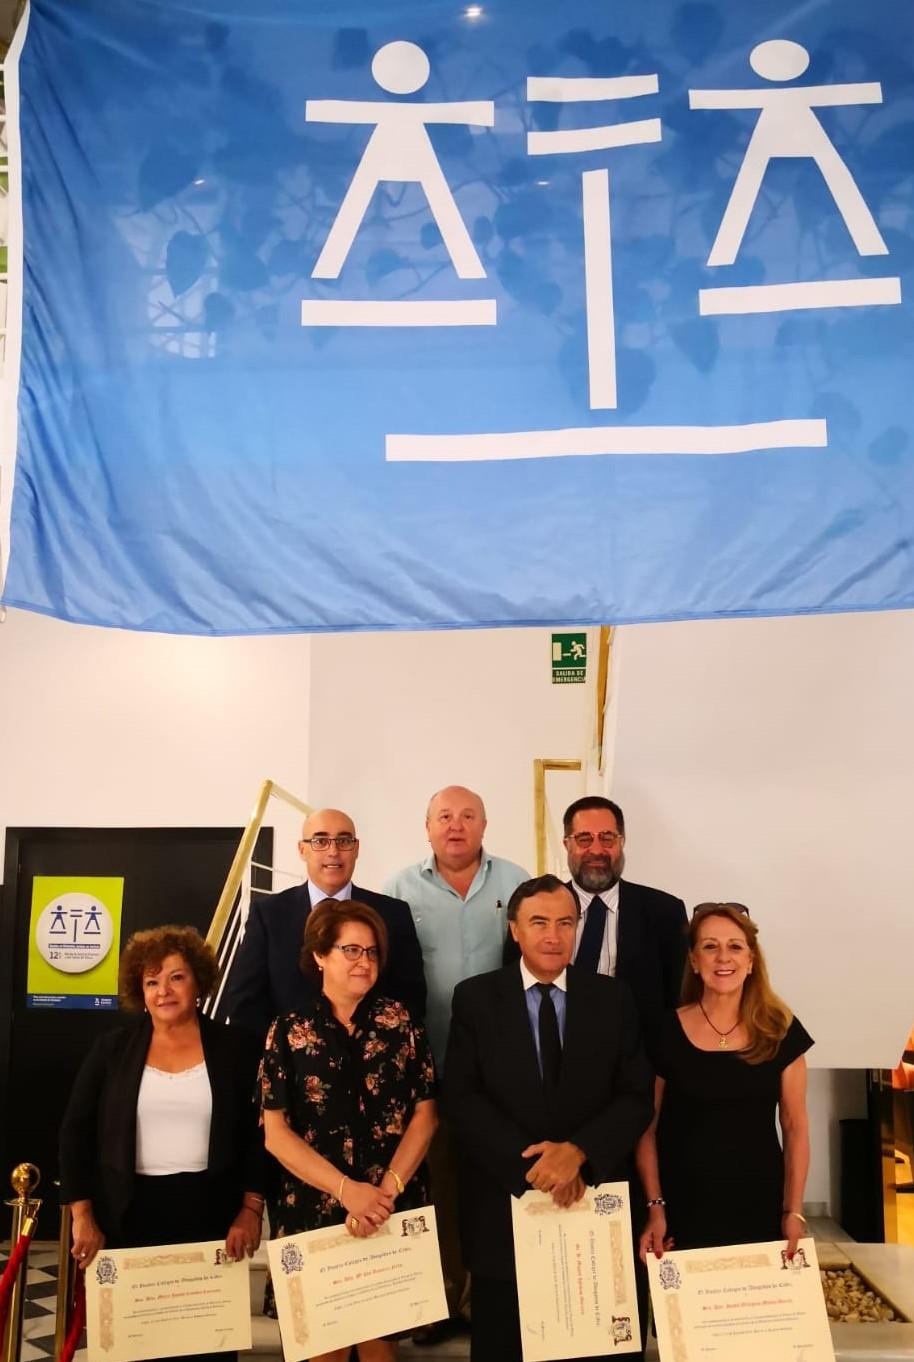 El ICA Cádiz Cifra En Más De 50.000 Los Asuntos Atendidos En El Turno De Oficio Durante 2018